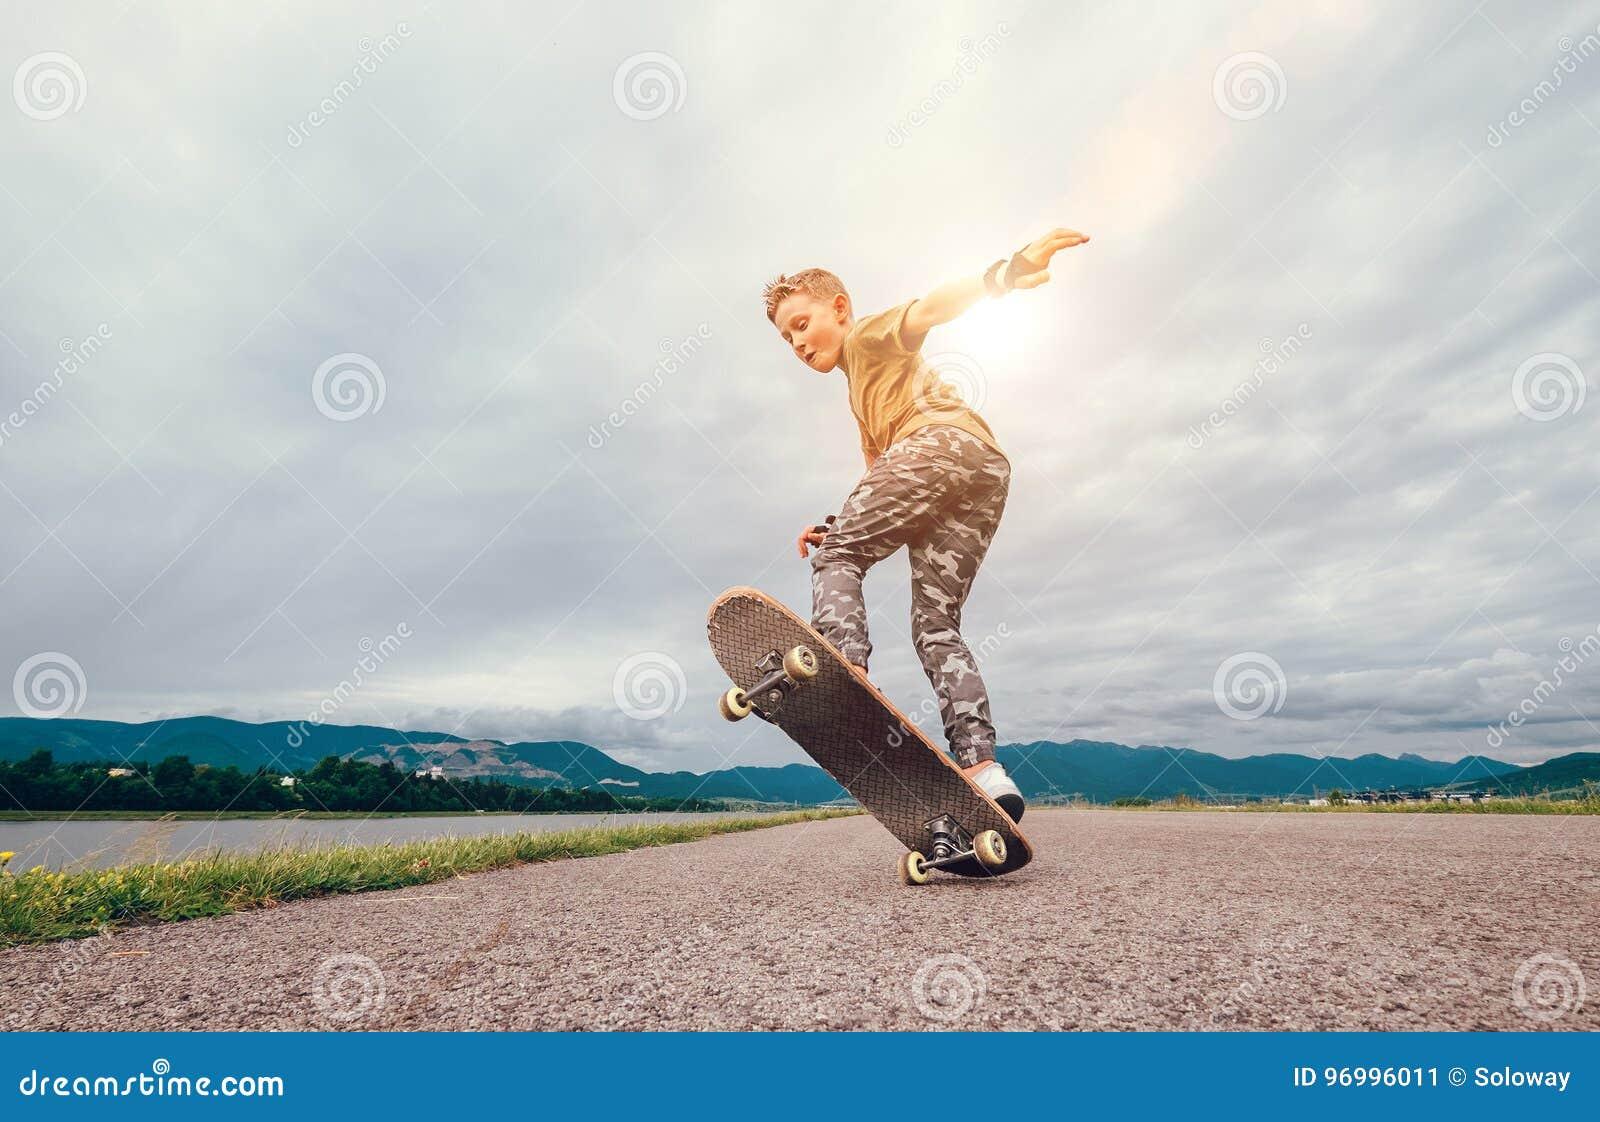 Junge macht einen Trick mit Skateboard